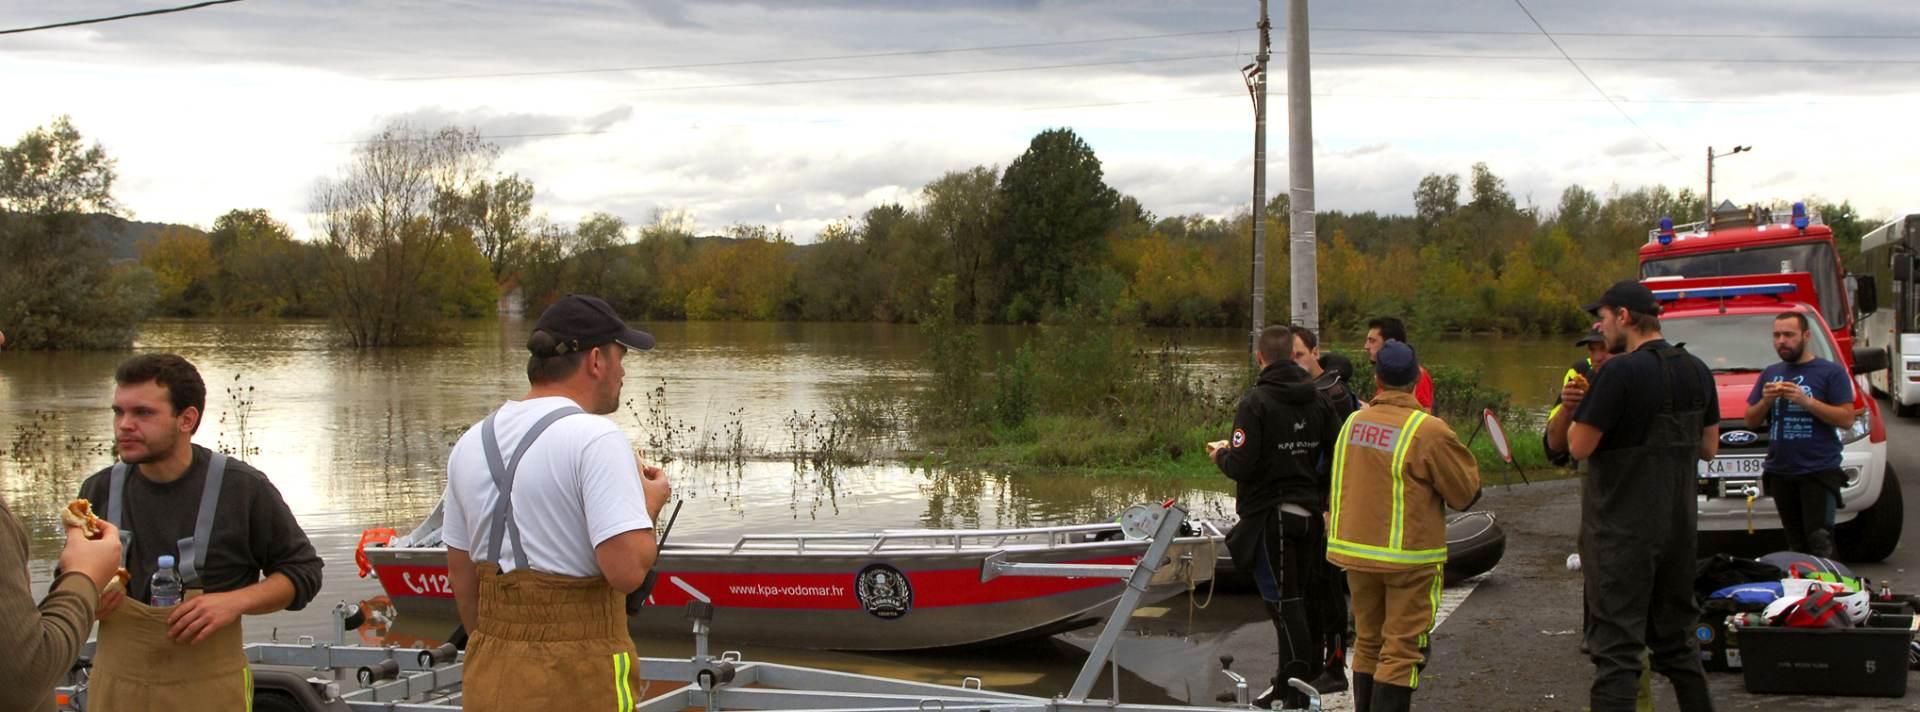 Potraga na Šoderici završila tragično, u jezeru pronađeno tijelo mladića